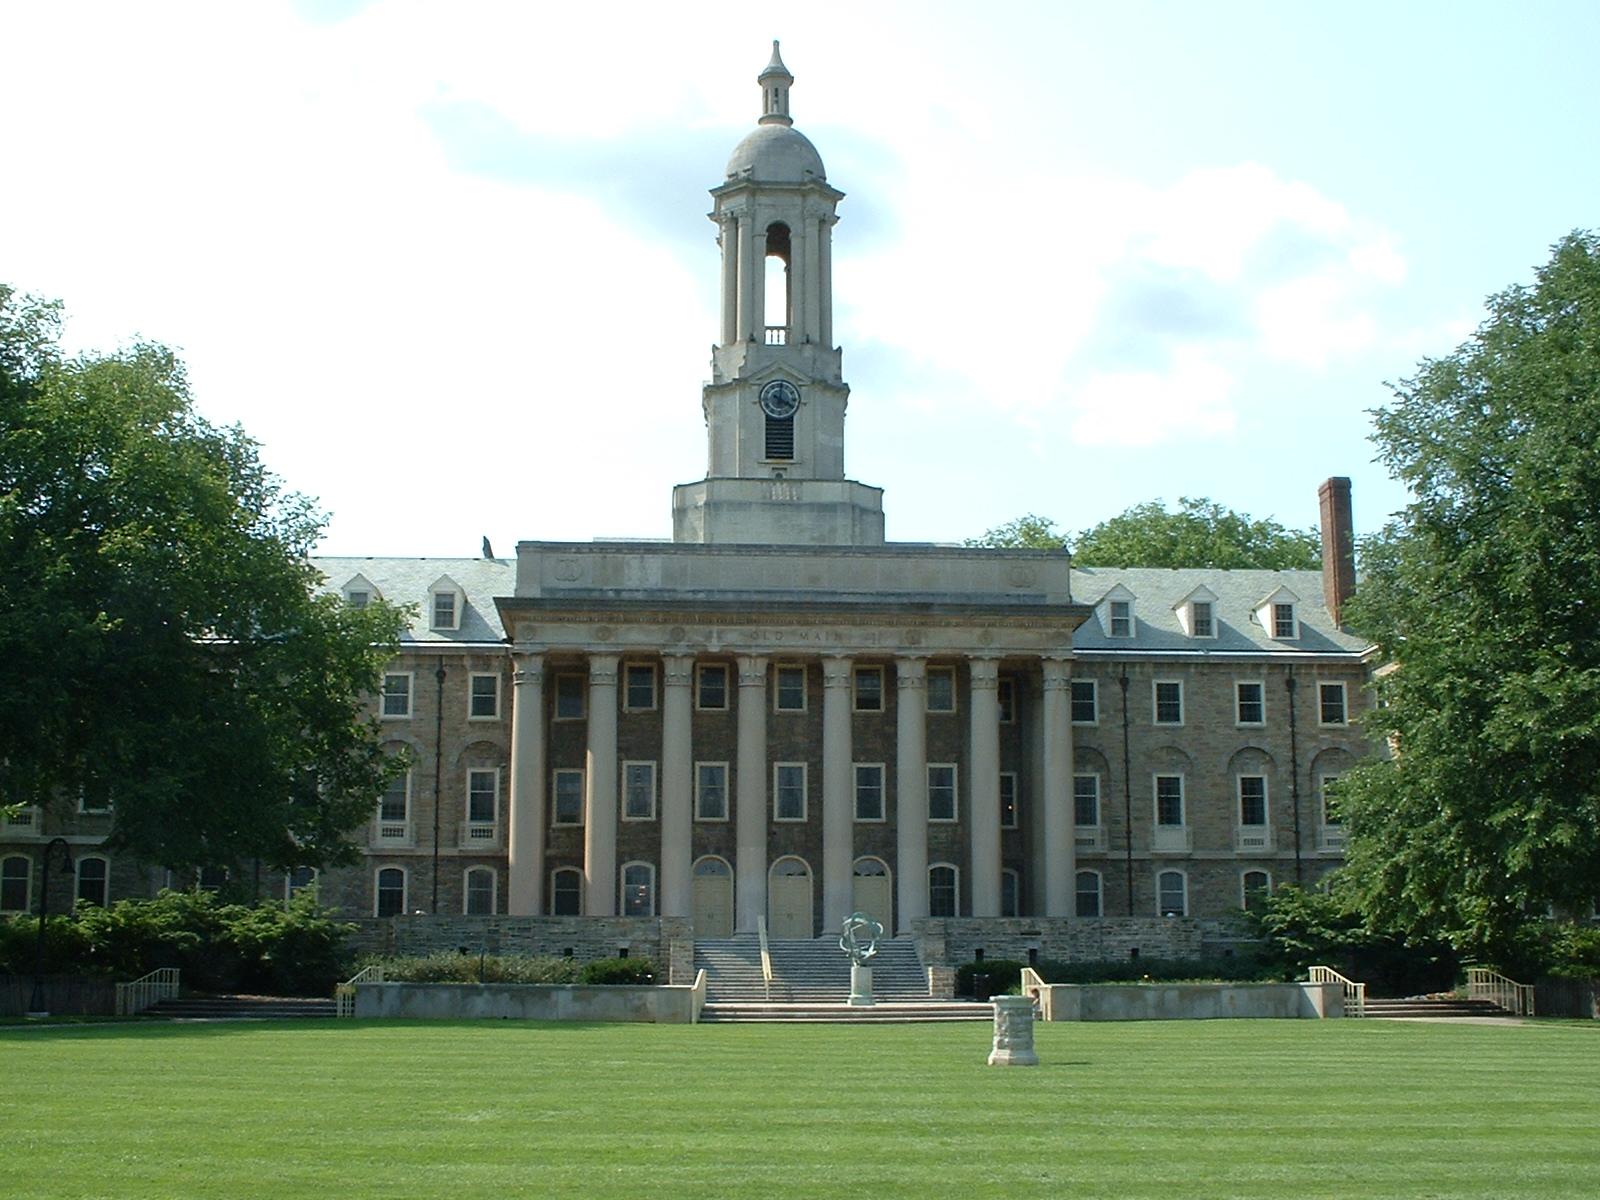 Học bổng học phí toàn phần của Đại học Pennsylvania State, Mĩ 2016